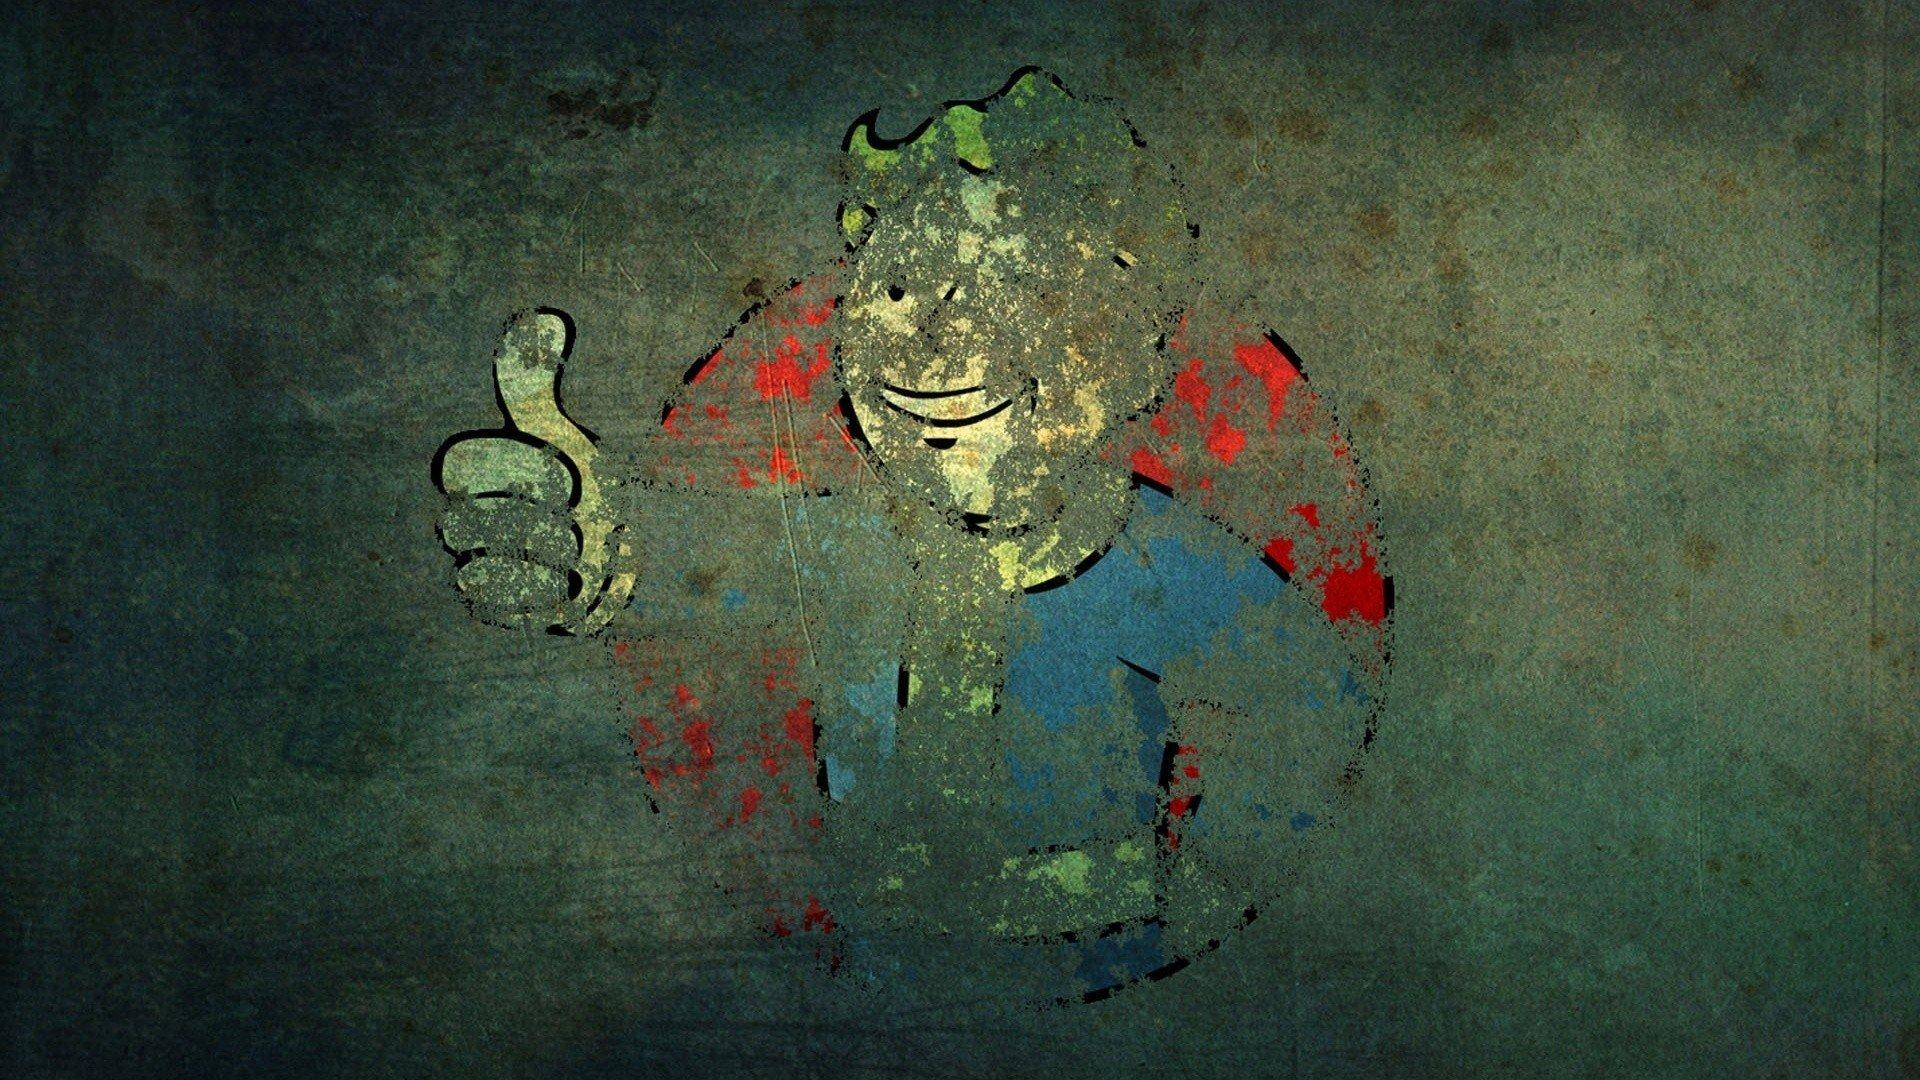 Video games Fallout grunge Vault Boy wallpaper 1920x1080 341067 1920x1080